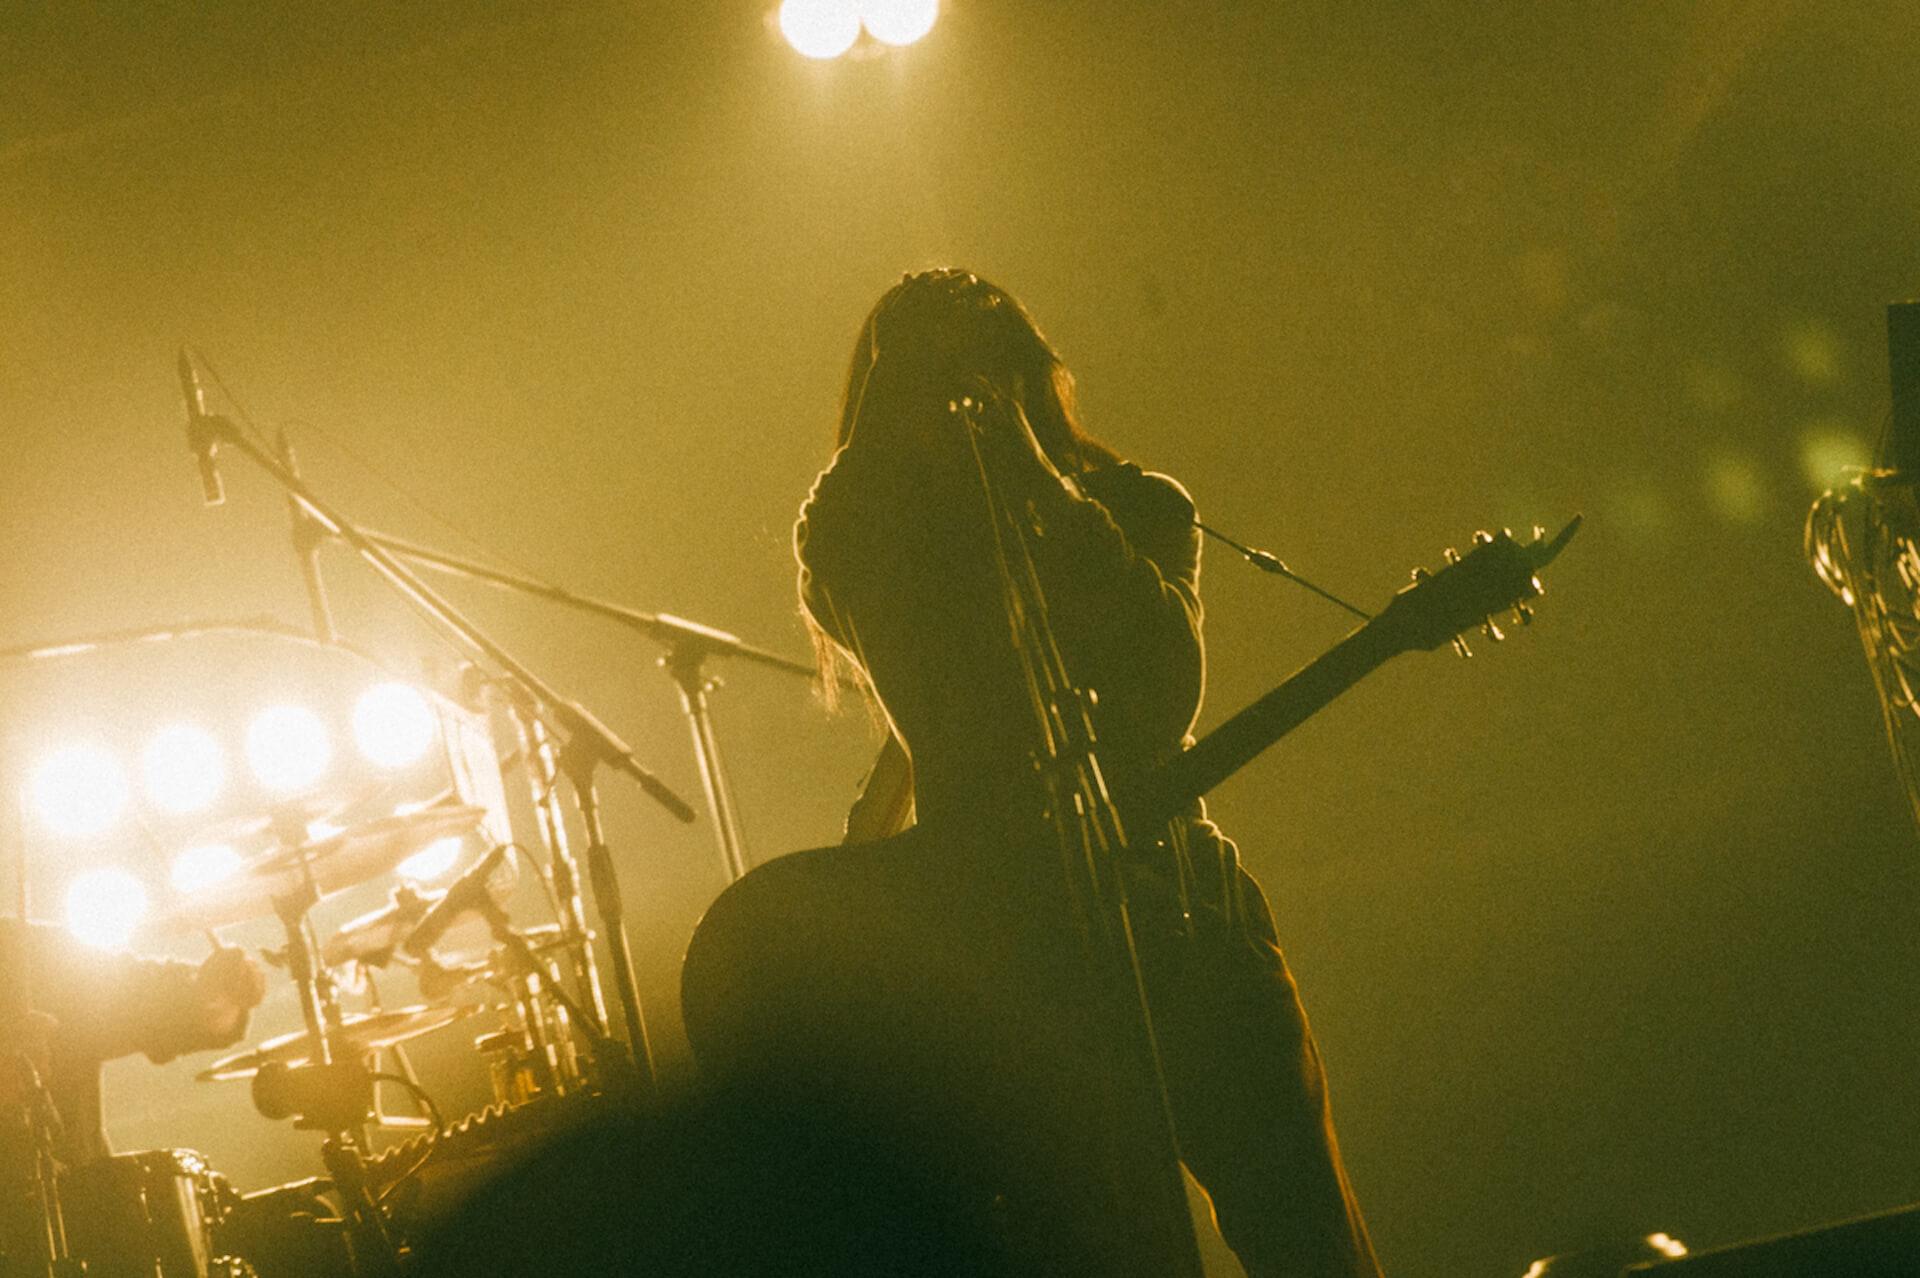 13,000人が大熱狂!あいみょん<AIMYON TOUR 2019 -SIXTH SENSE STORY->最終公演のライブレポートが到着 music191219_aimyon_live_1